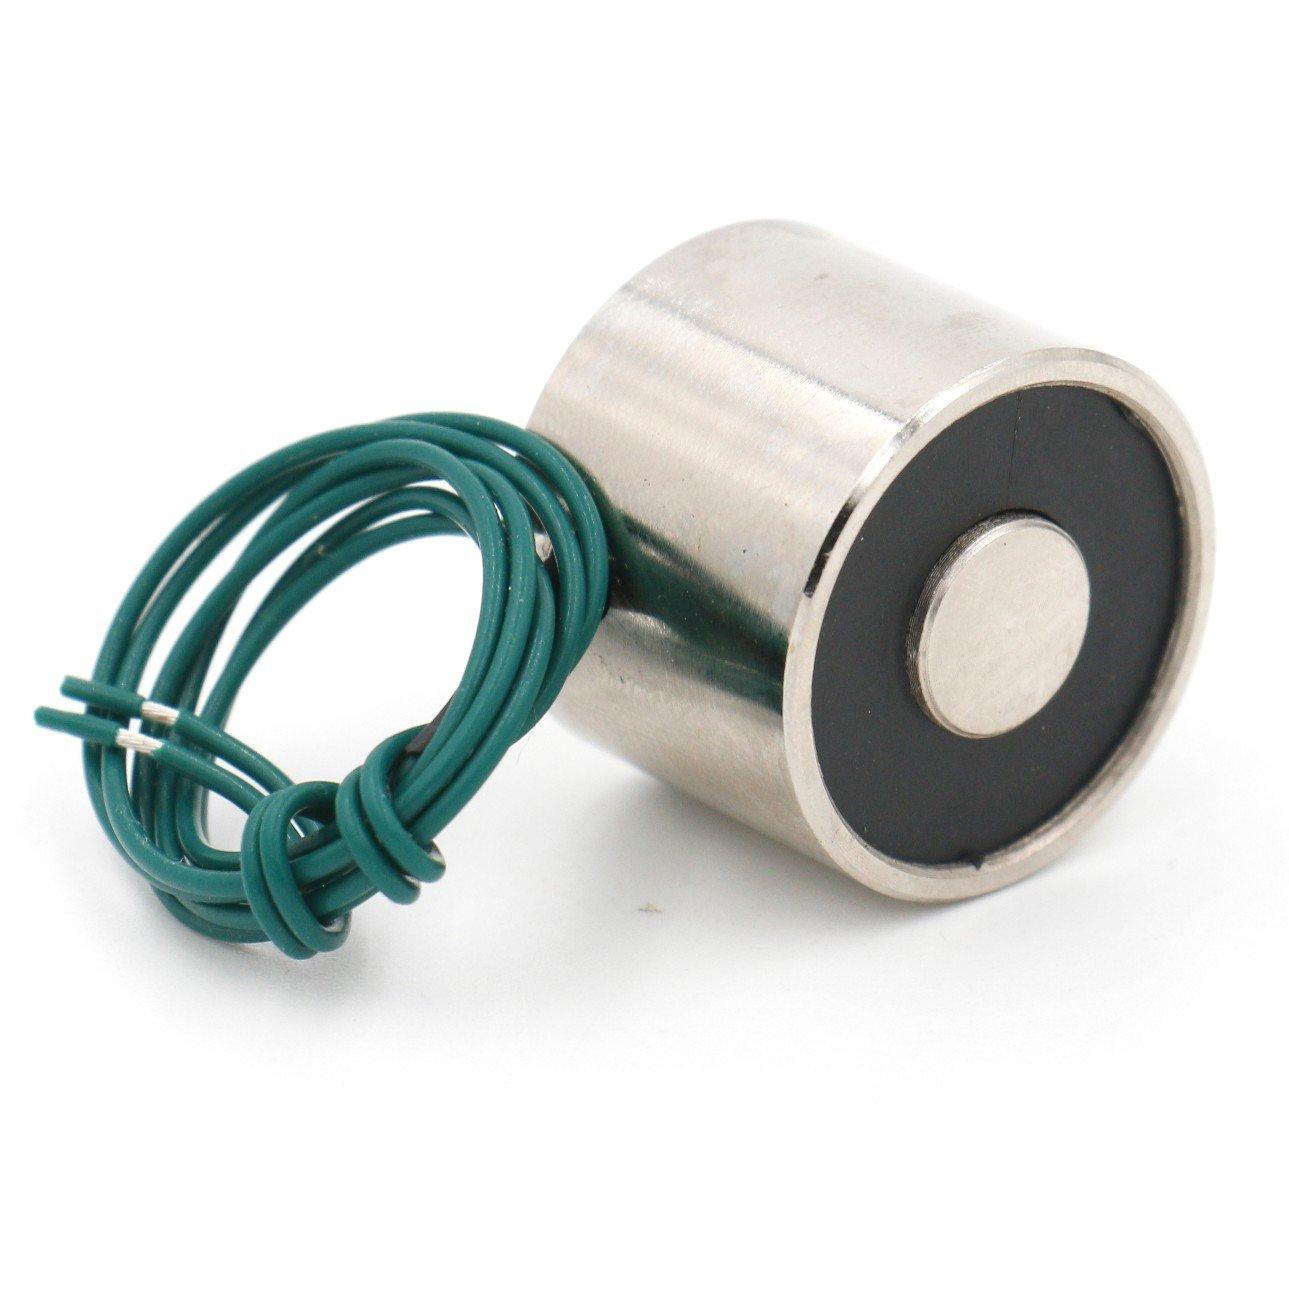 approx. 24.95 kg 55 lb 25 kg DC 12 V electromagnética eléctrica de imán de elevación 250 N